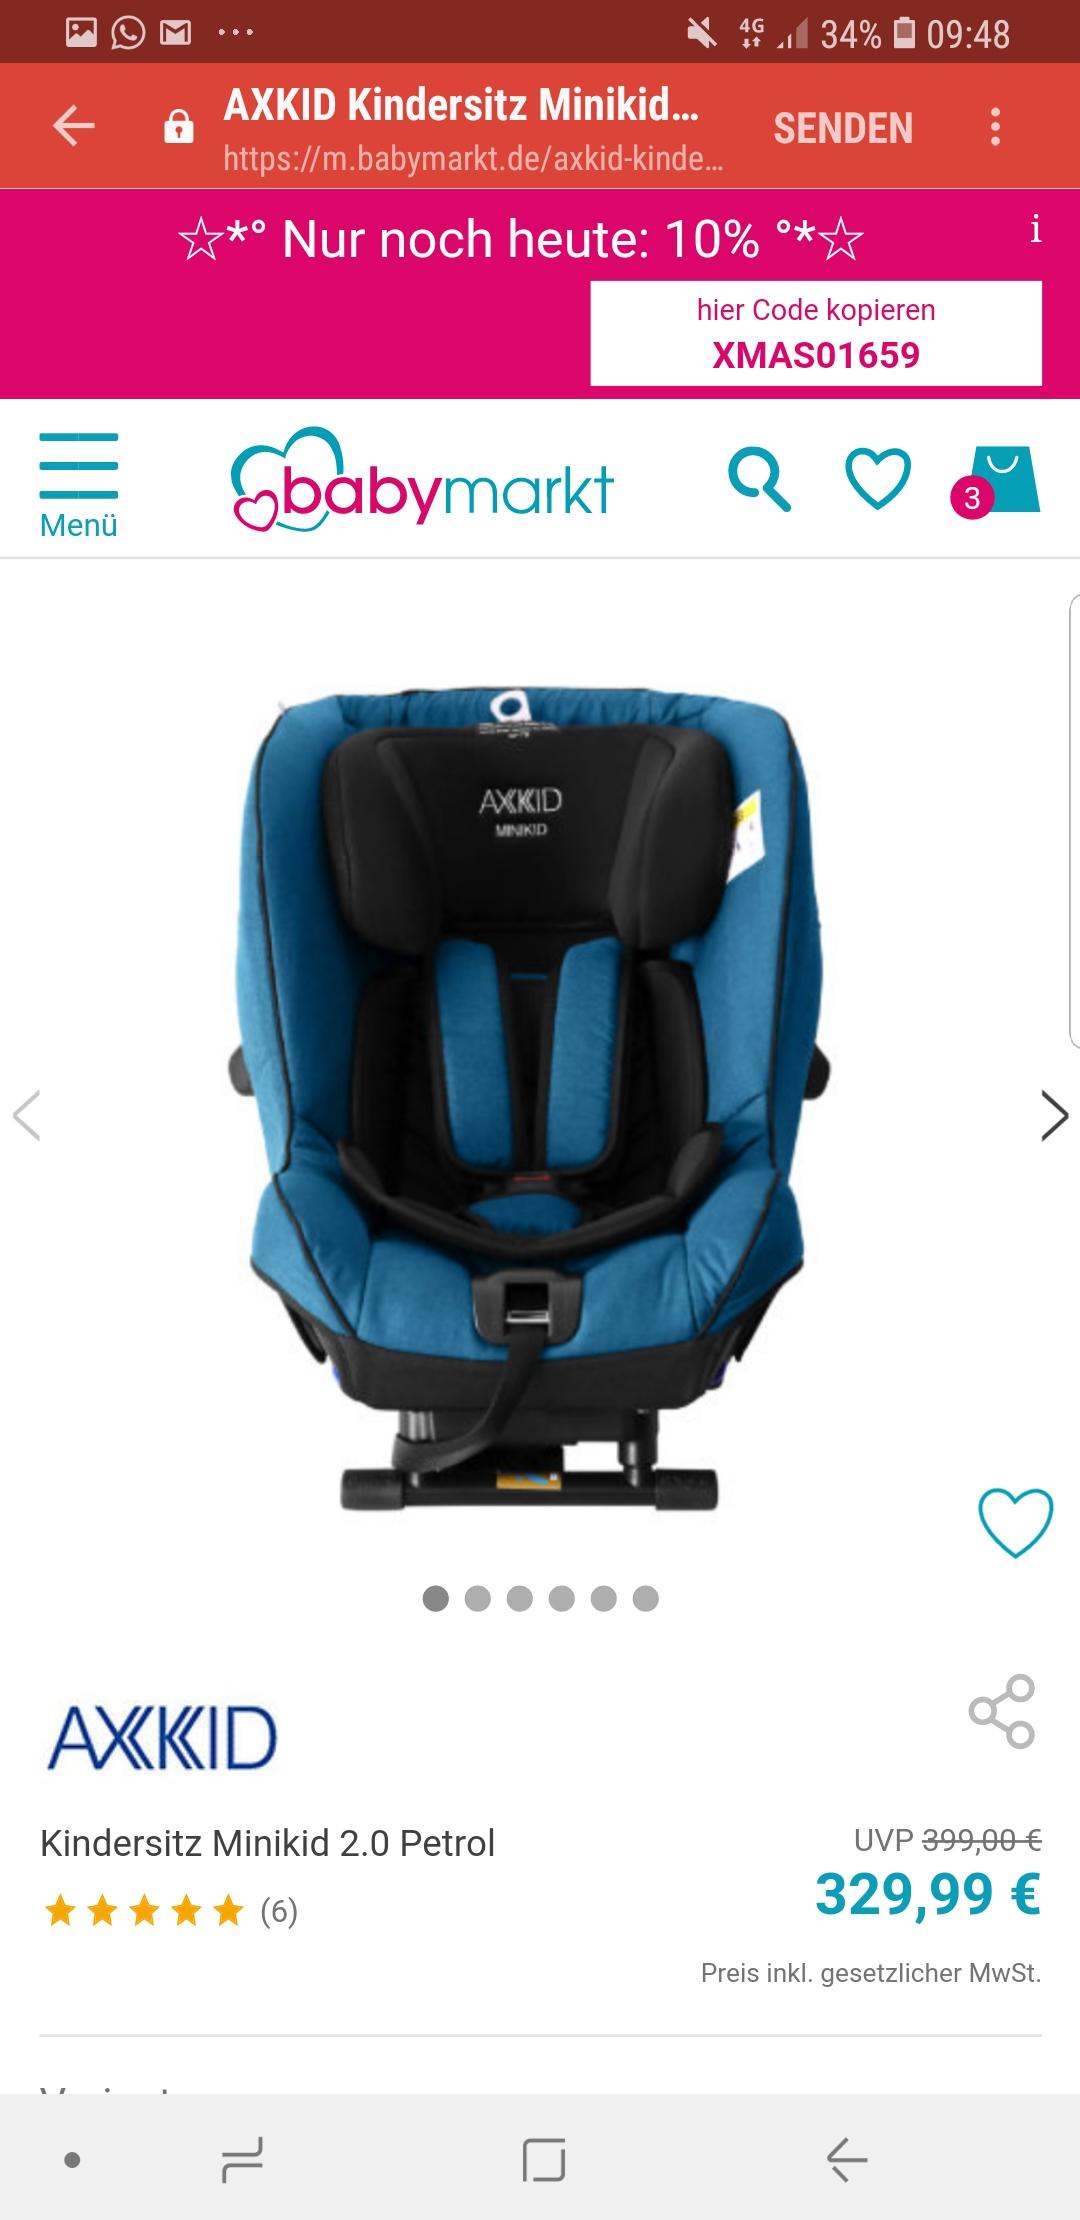 Top Kindersitz im Tagesangebot bei Babymarkt Axkid Minikid 2.0 Reboarder